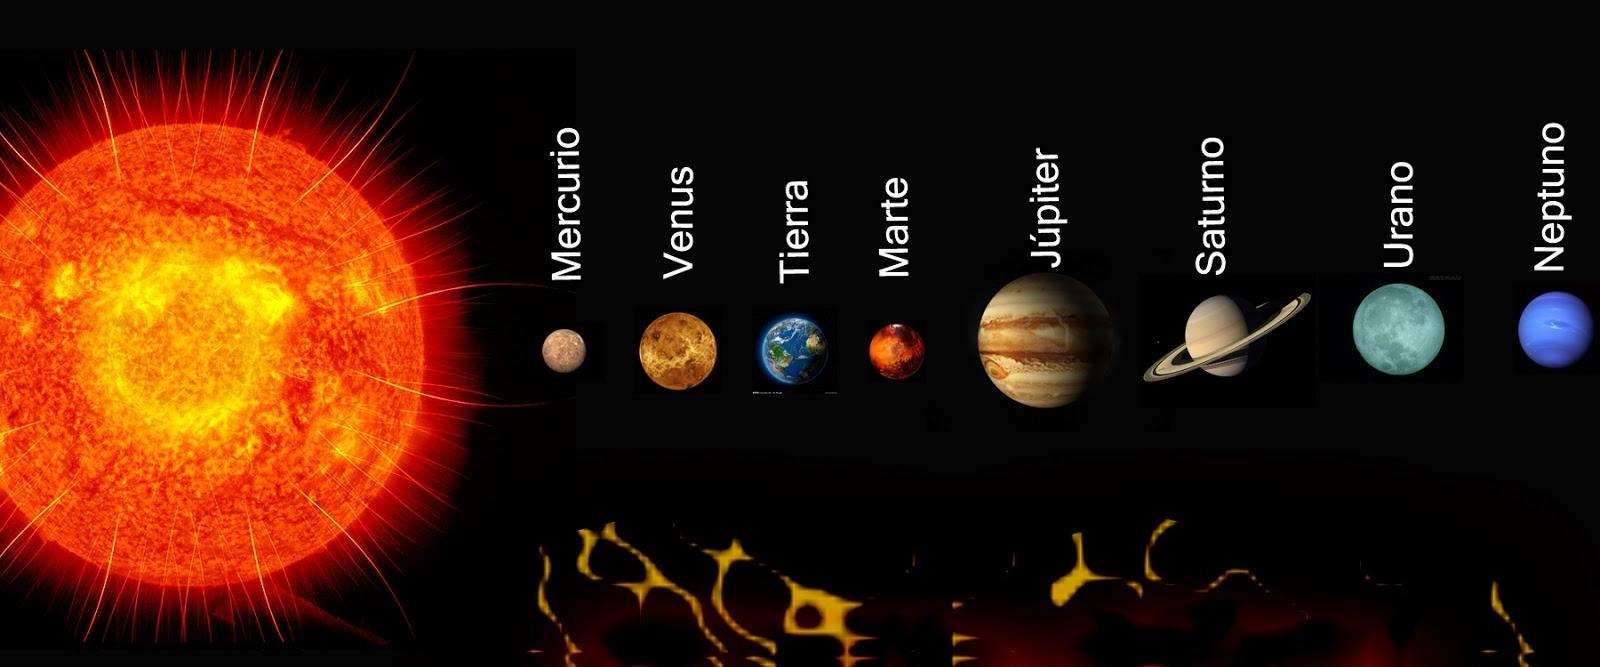 Cu ntos planetas hay en el sistema solar 8 planetas for Cual es el gimnasio mas cercano